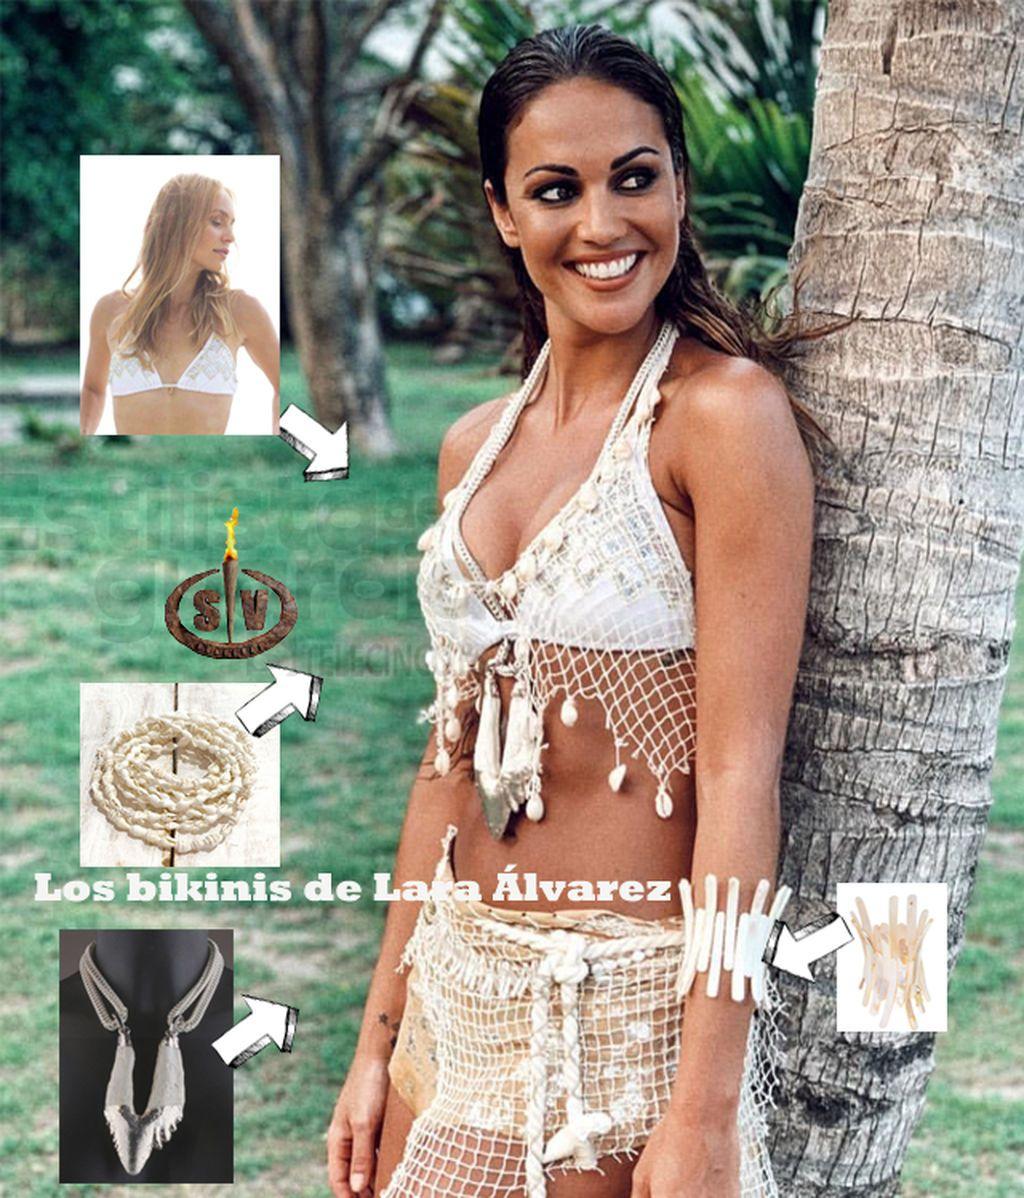 Los bikinis de Lara Álvarez (Supervivientes 2019)